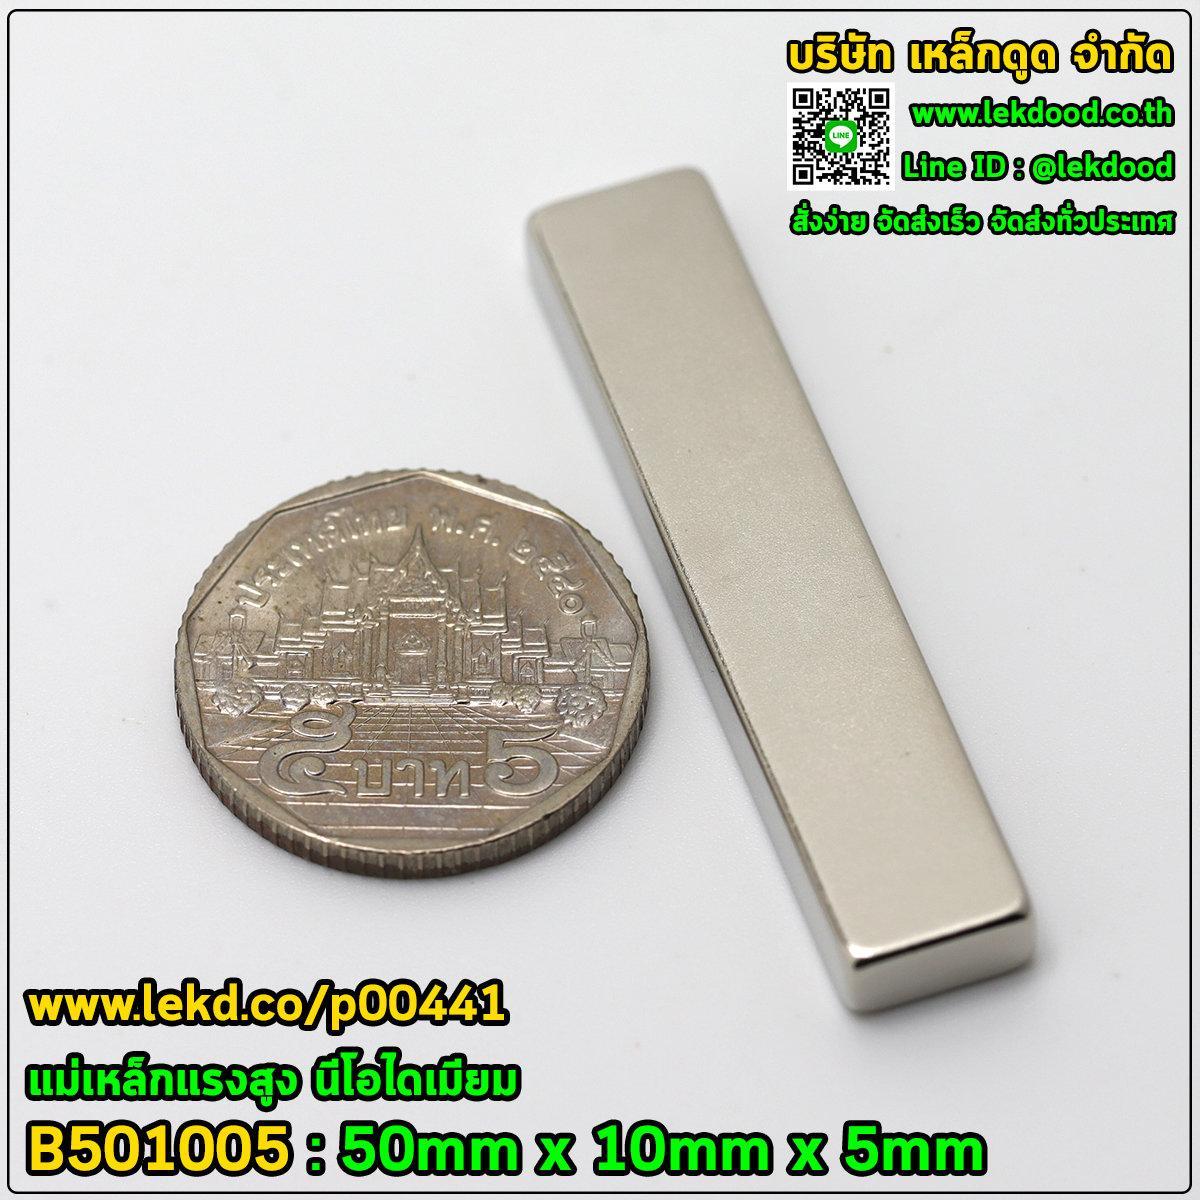 > แรงดูดสูงสุด 12,288 กรัมแรง < ขนาด 50mm x 10mm x 5mm รหัส 00441-B501005